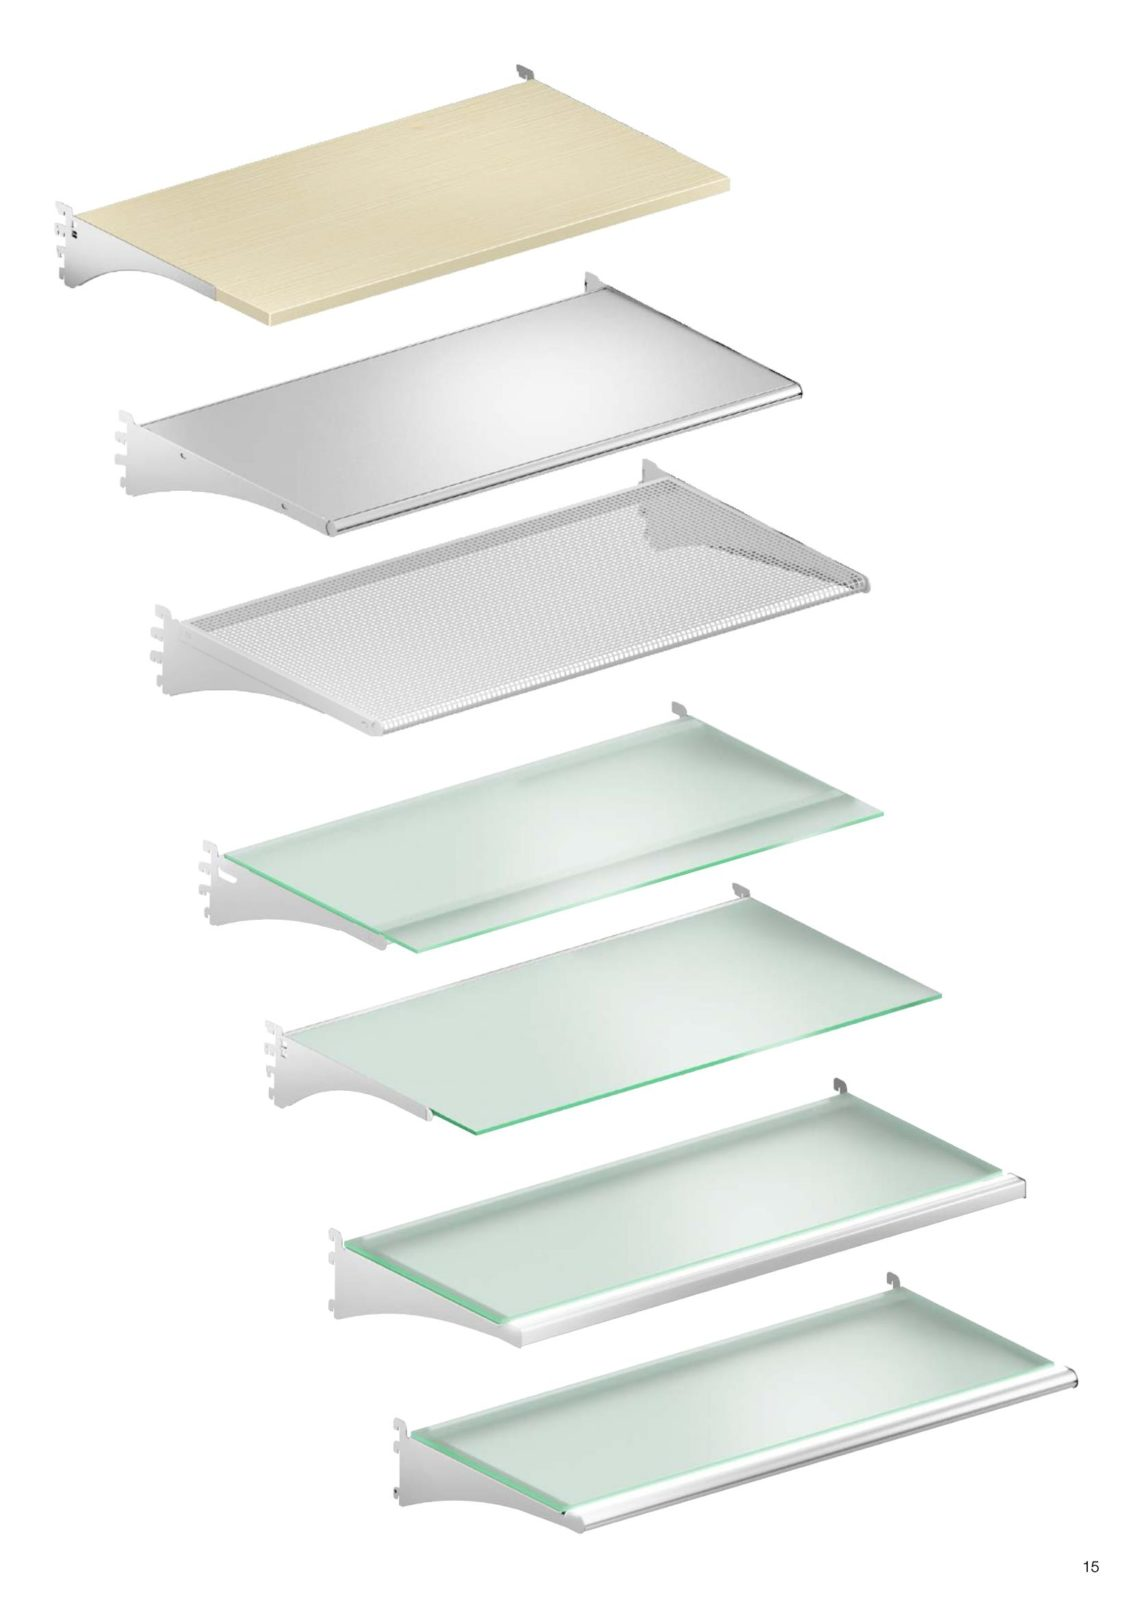 Les différents type de tablette du mobilier